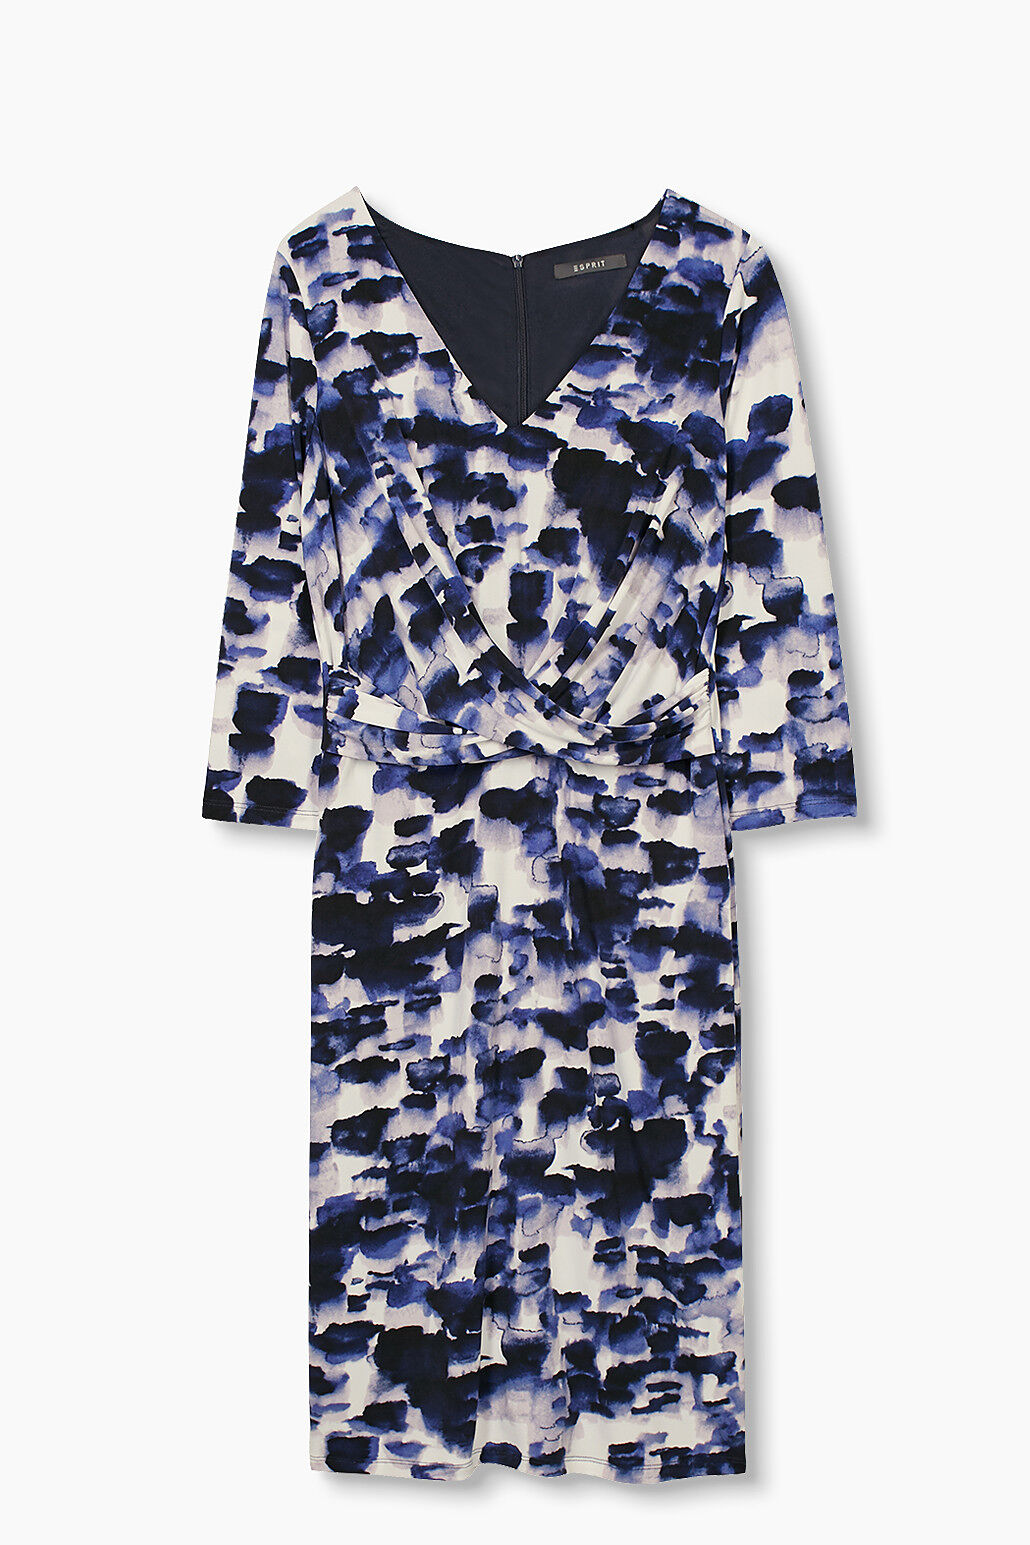 snygga klänningar 2016